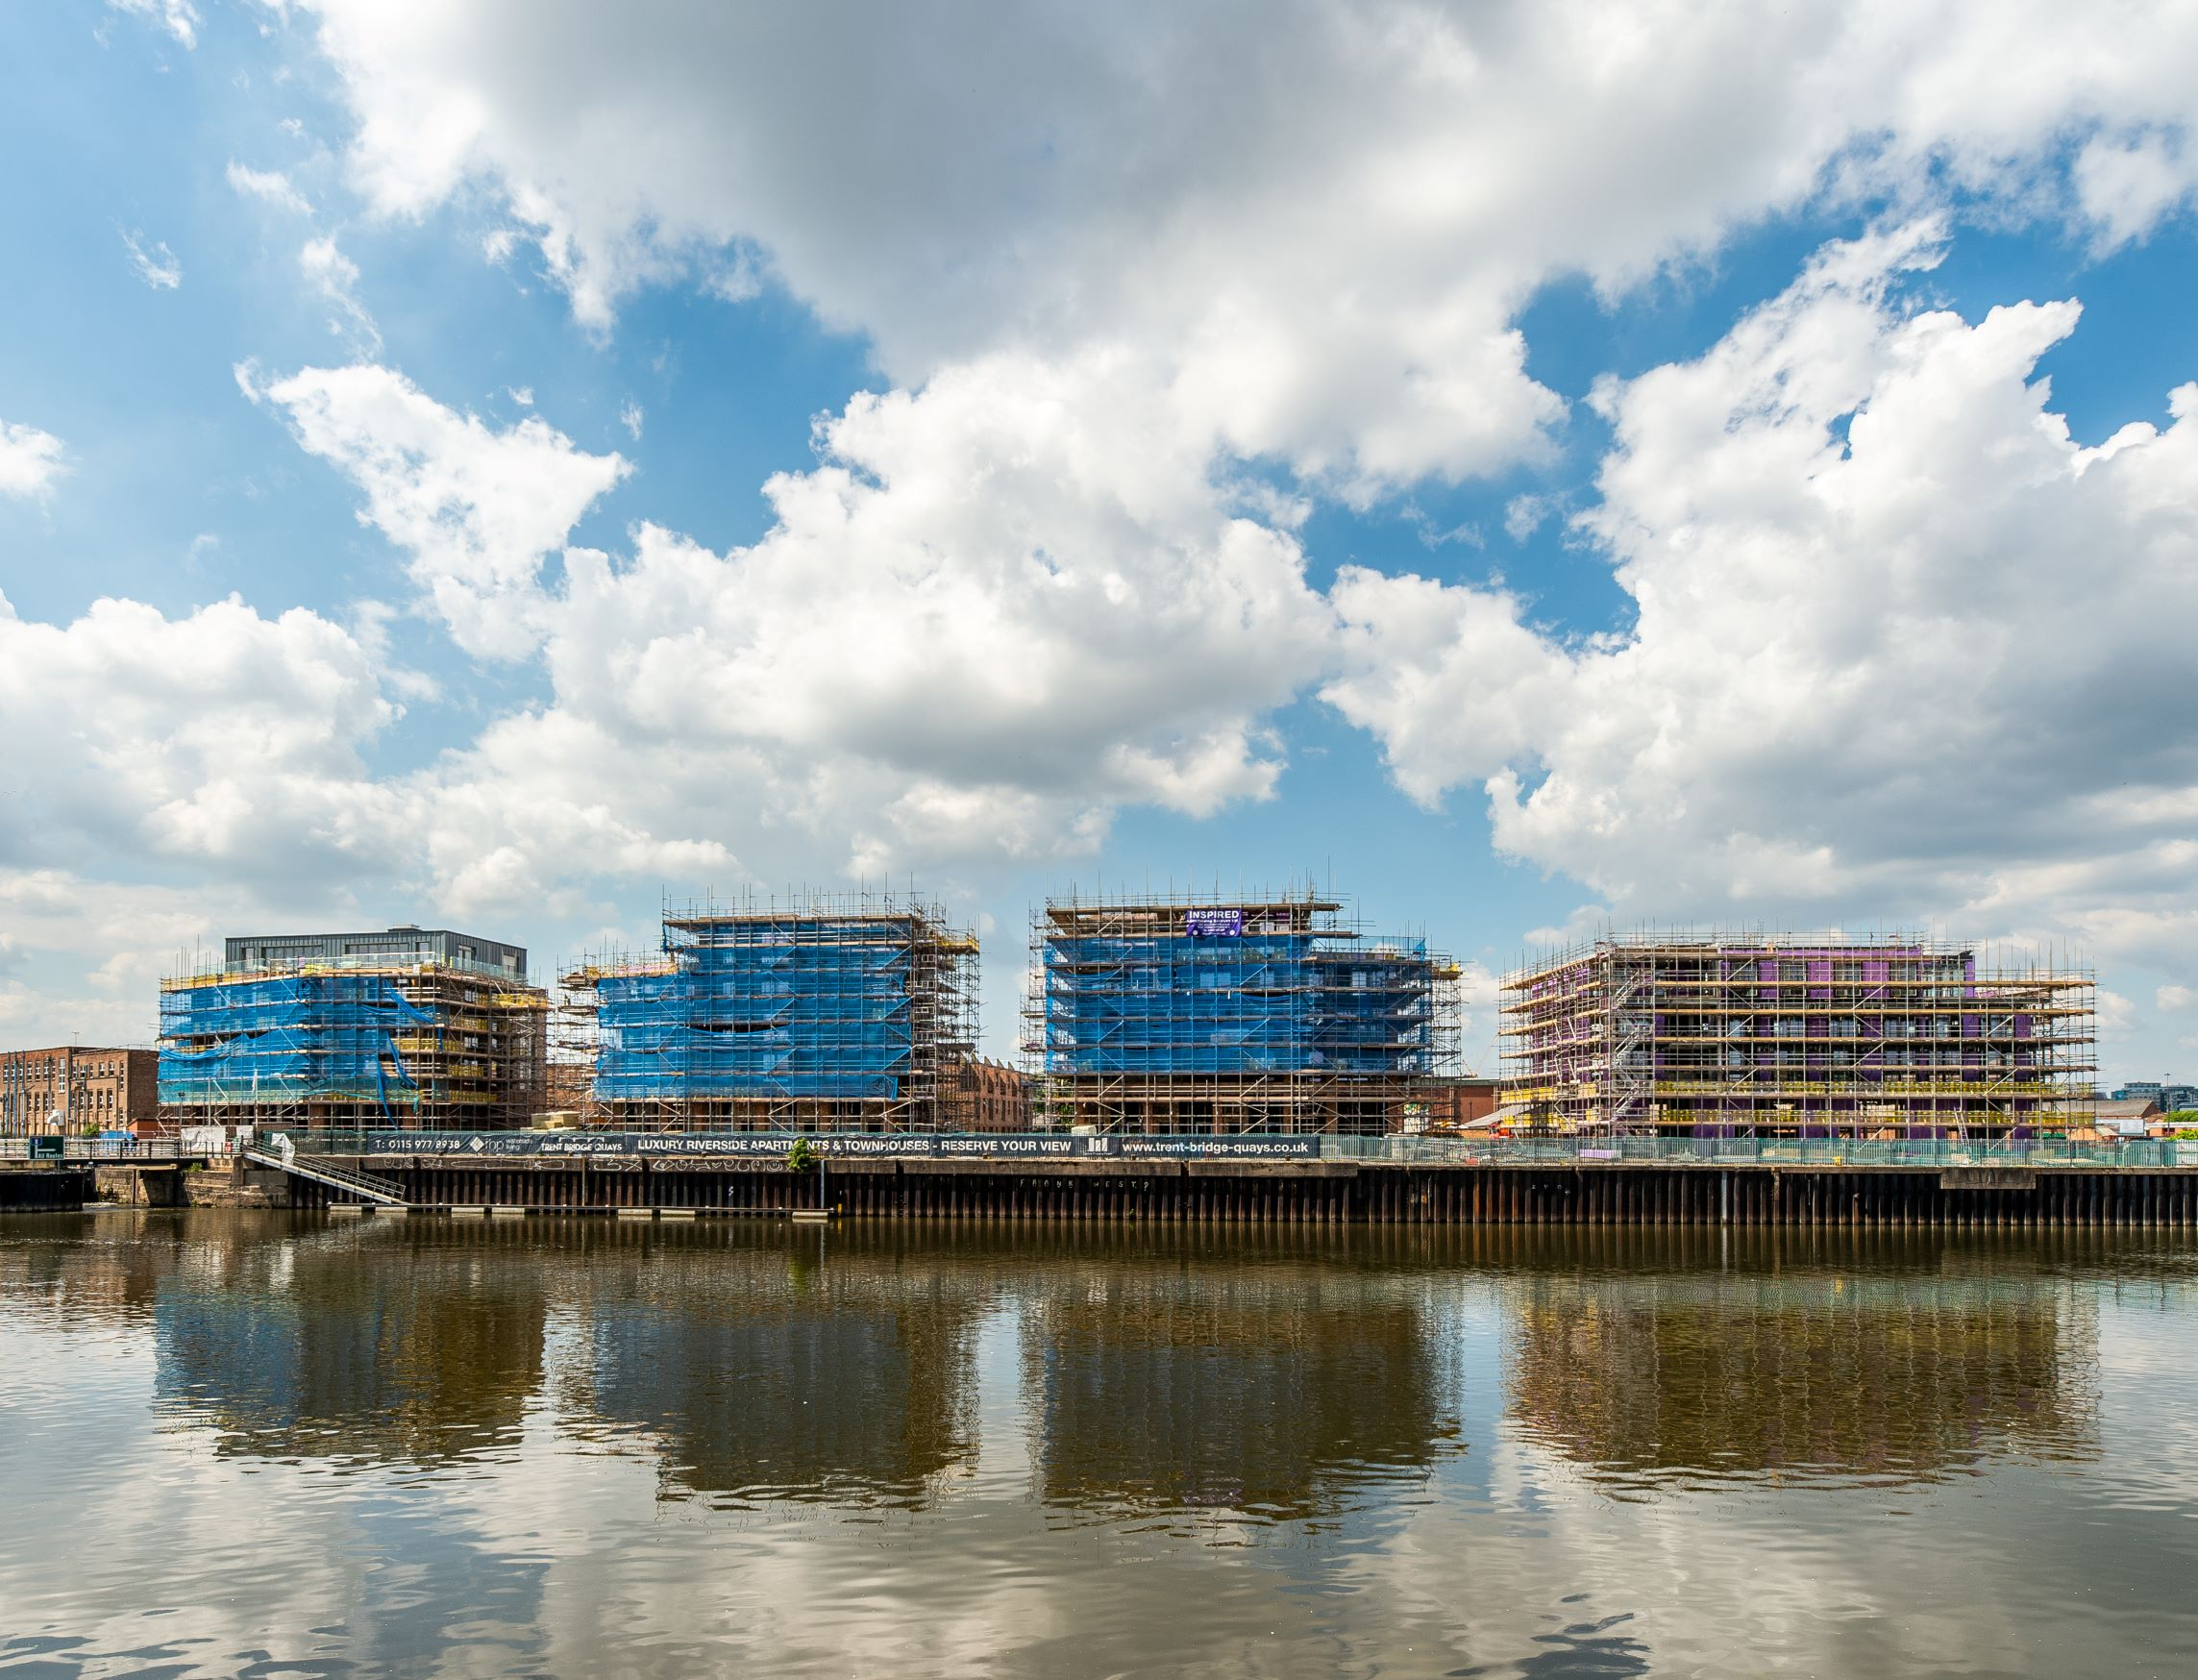 Elevate Trent Bridge Quays riverside